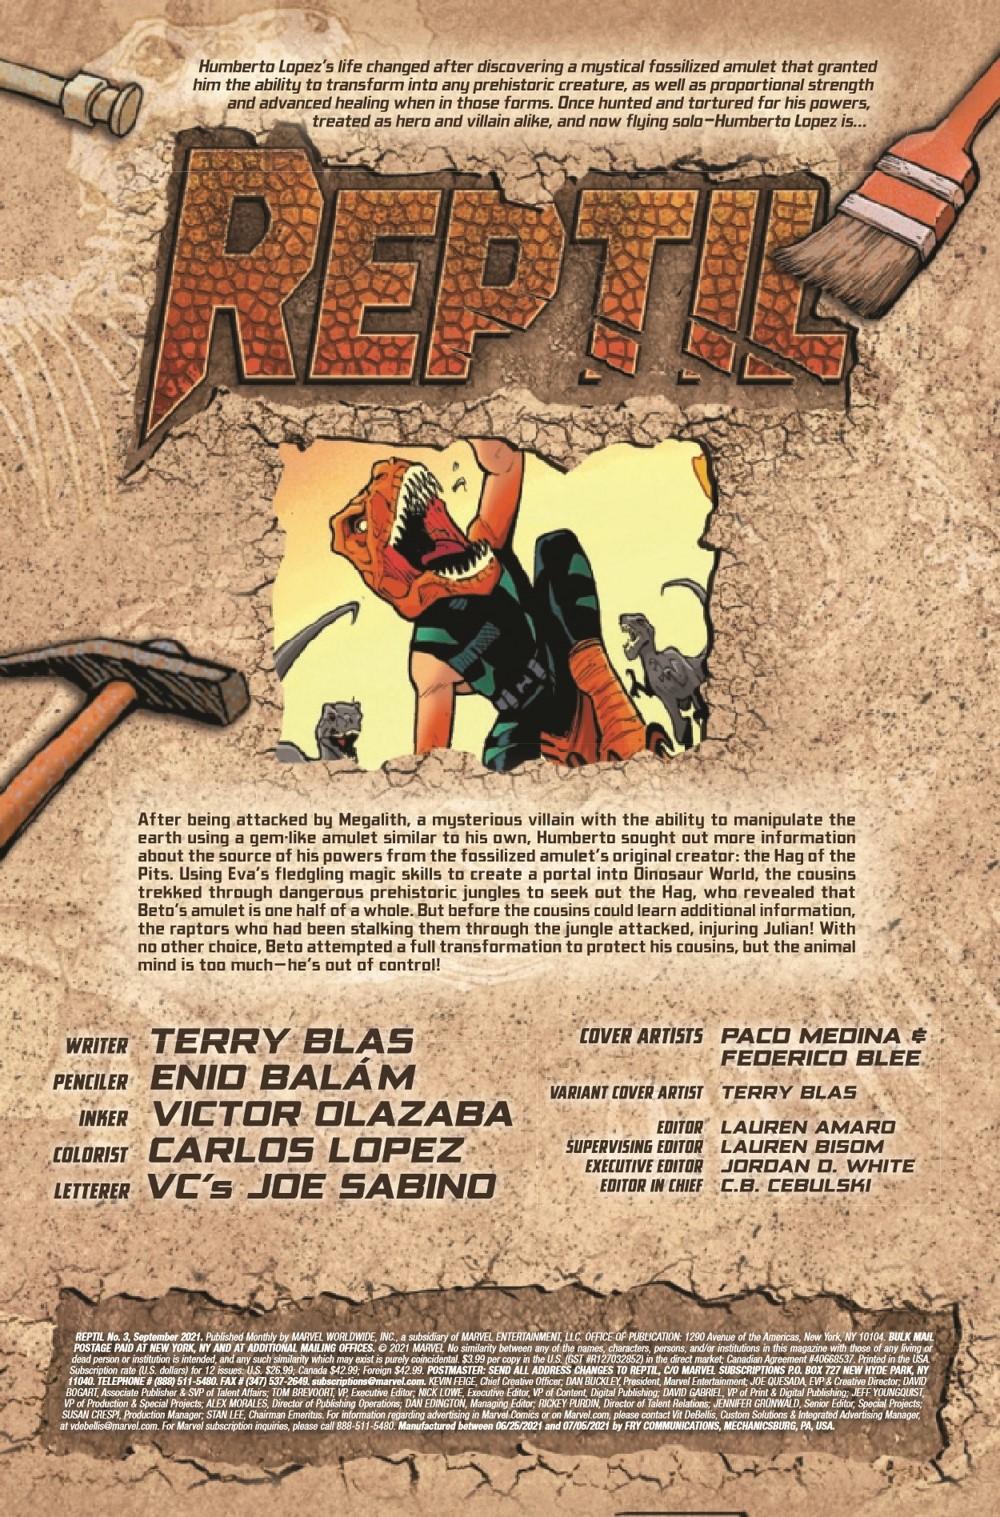 REPTIL2021003_Preview-2 ComicList Previews: REPTIL #3 (OF 4)